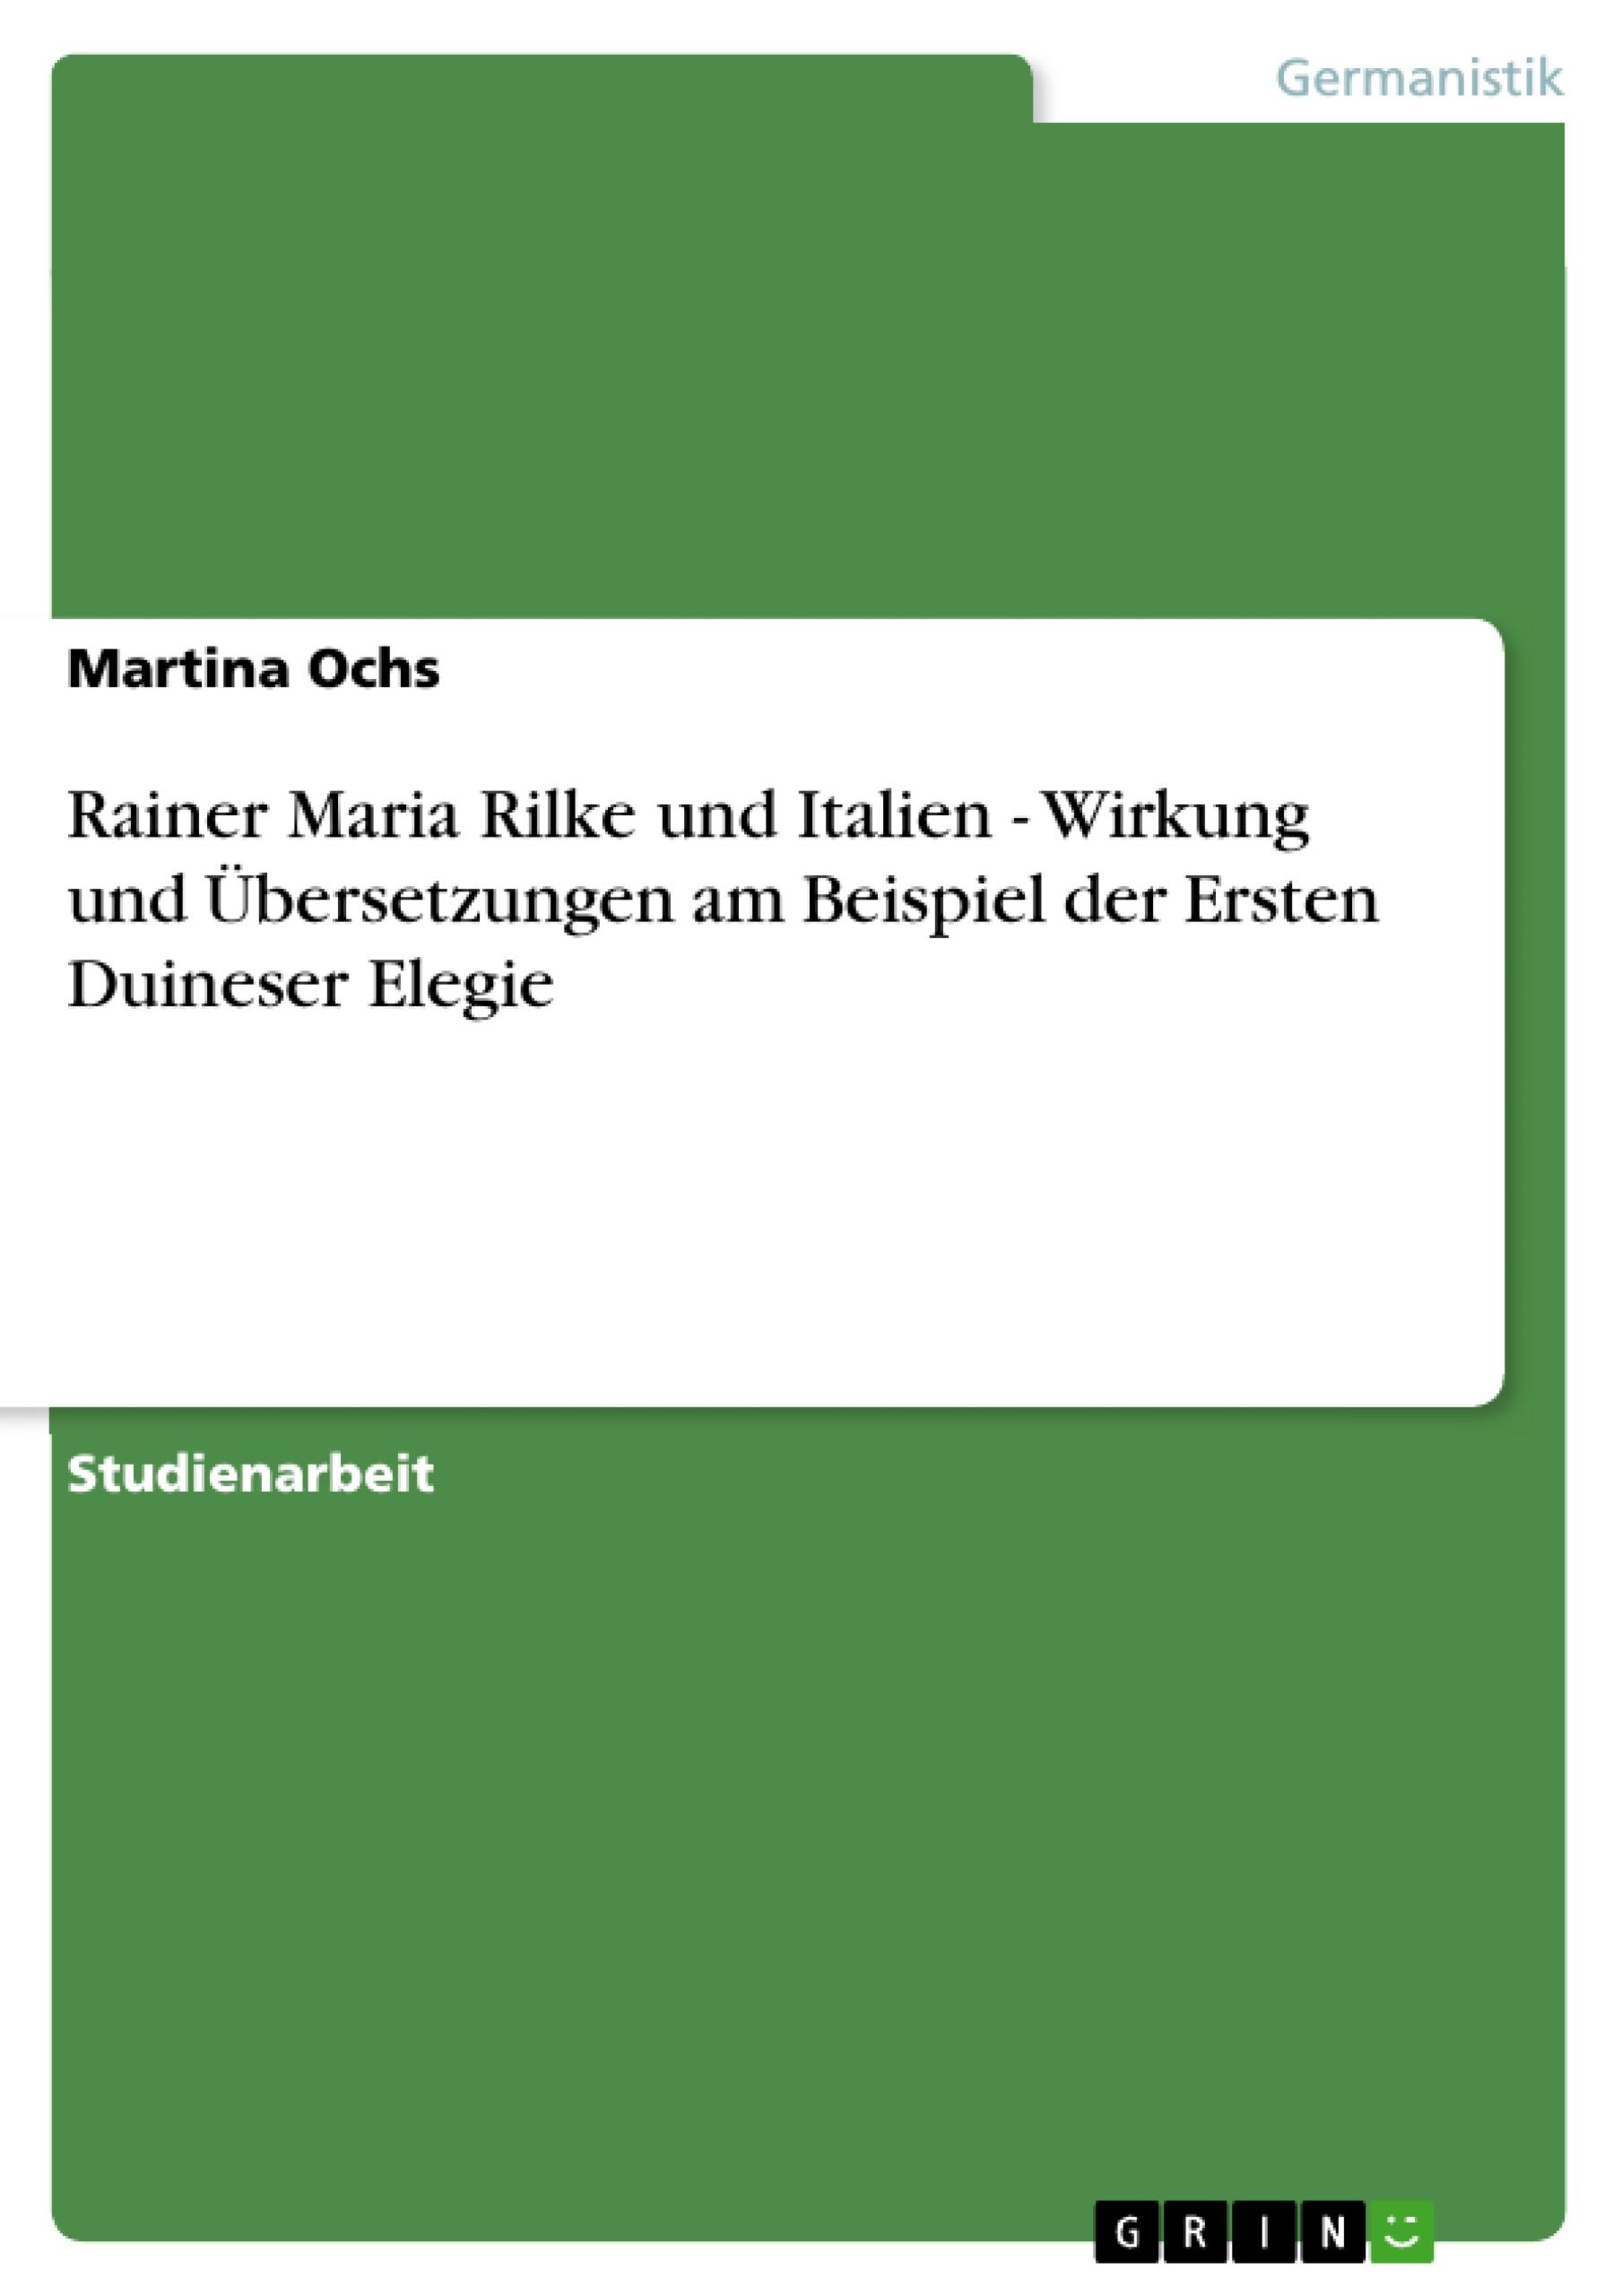 Titel: Rainer Maria Rilke und Italien - Wirkung und Übersetzungen am Beispiel der Ersten Duineser Elegie